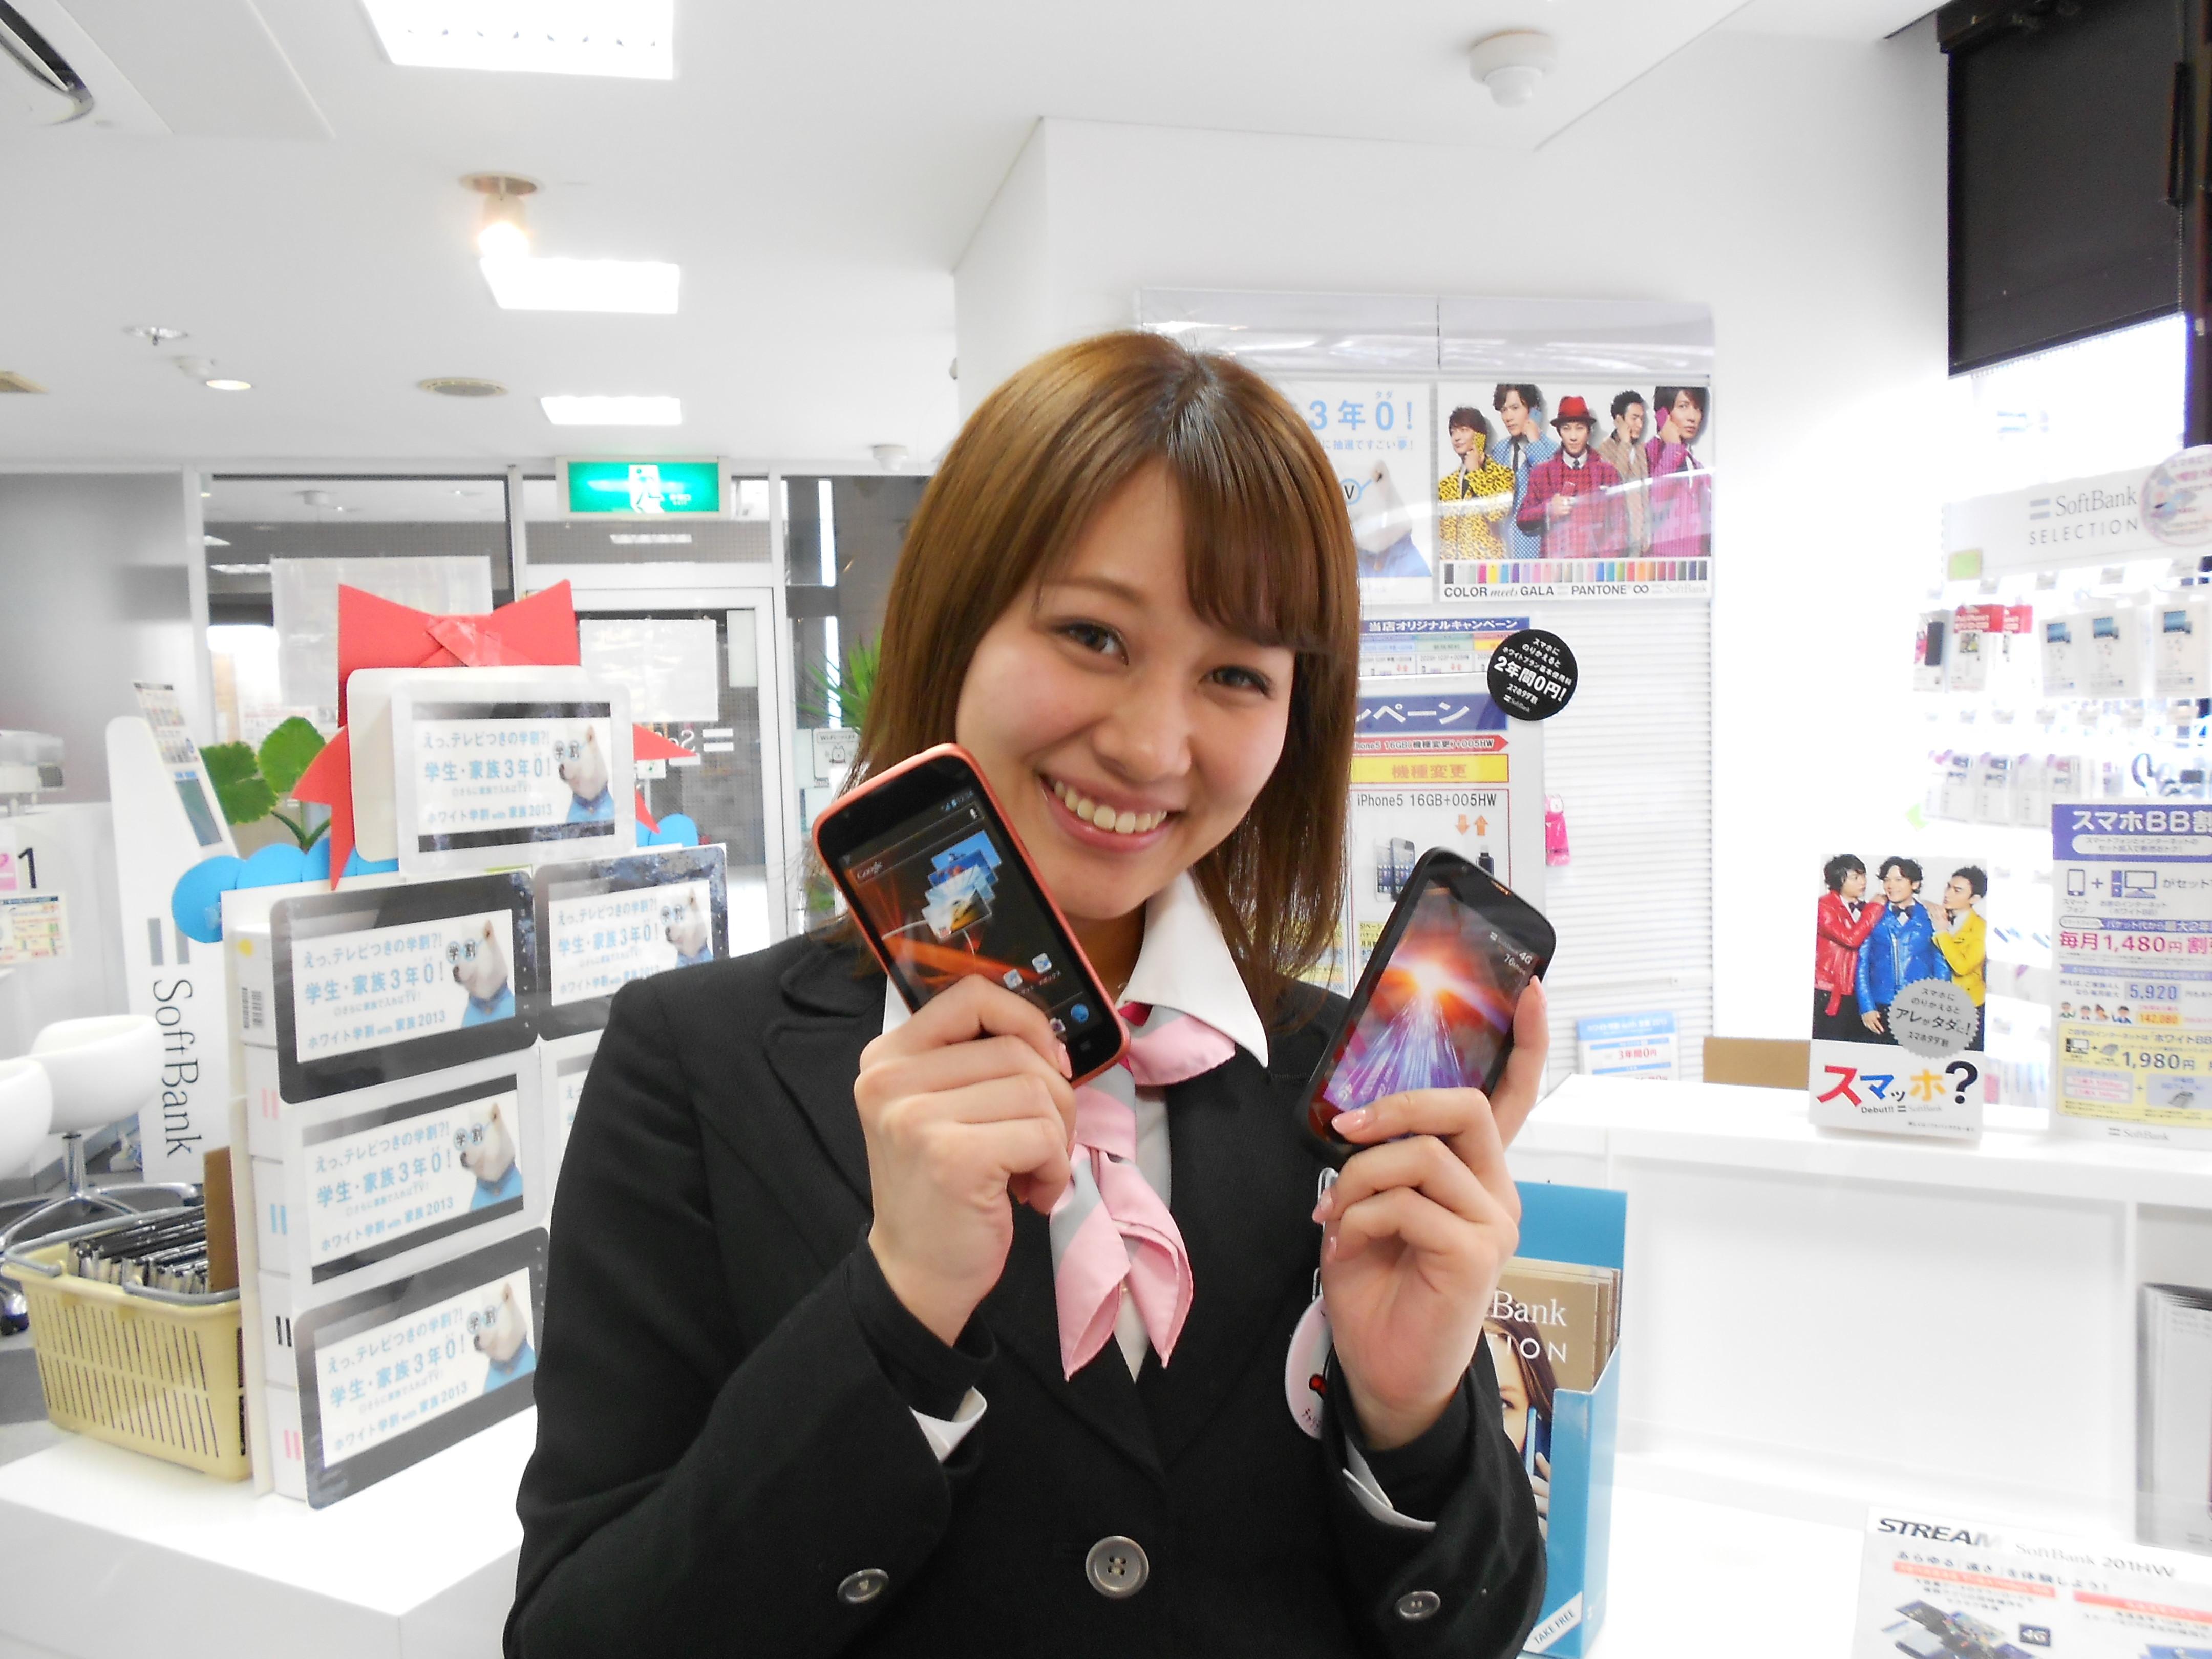 ソフトバンク 花小金井(株式会社シエロ)のアルバイト情報